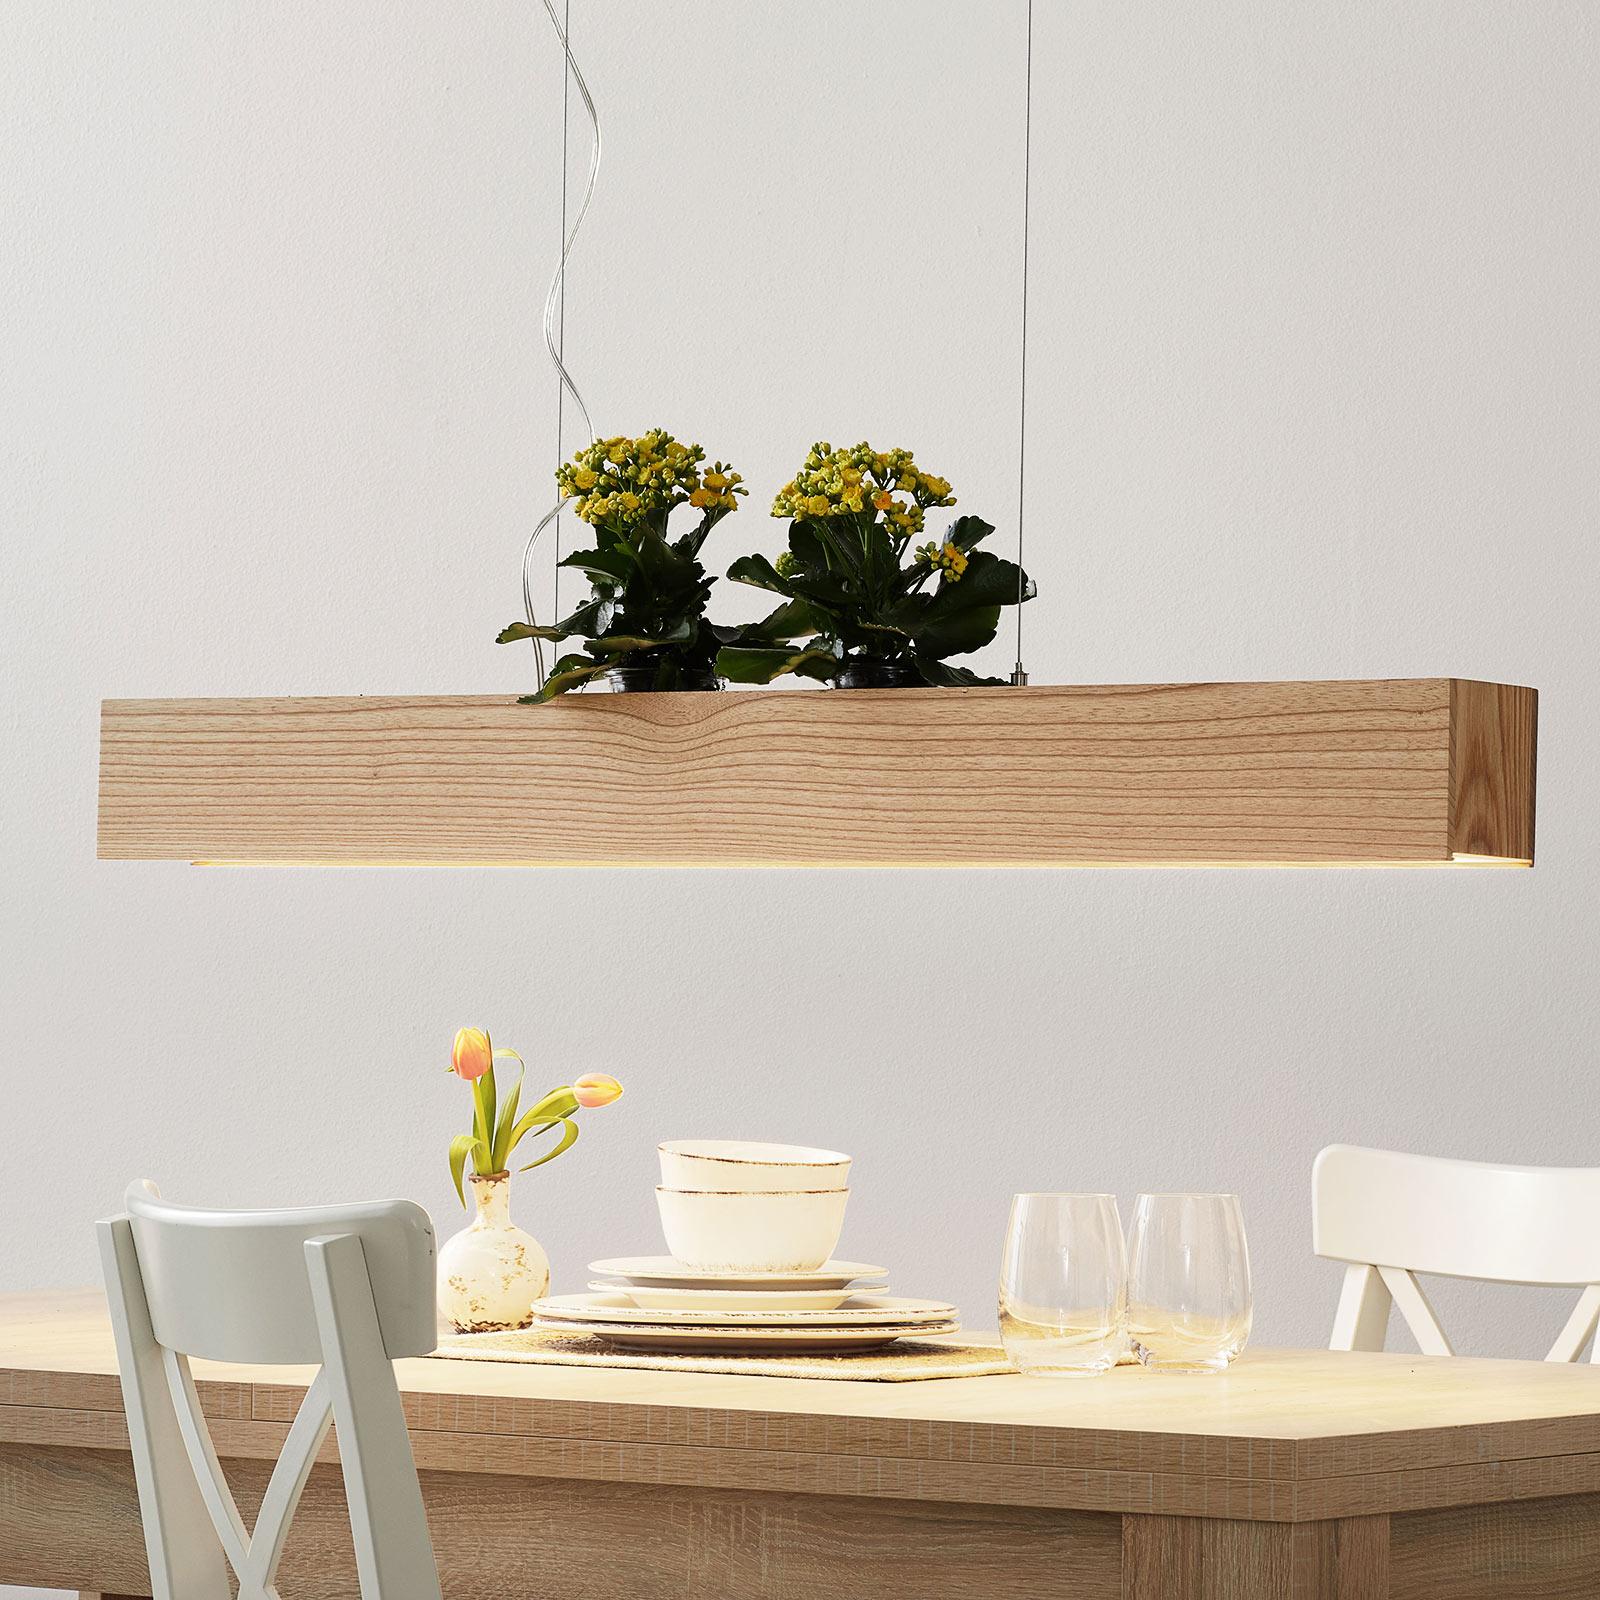 LED-Pendelleuchte Ash mit Schirm aus hellem Holz